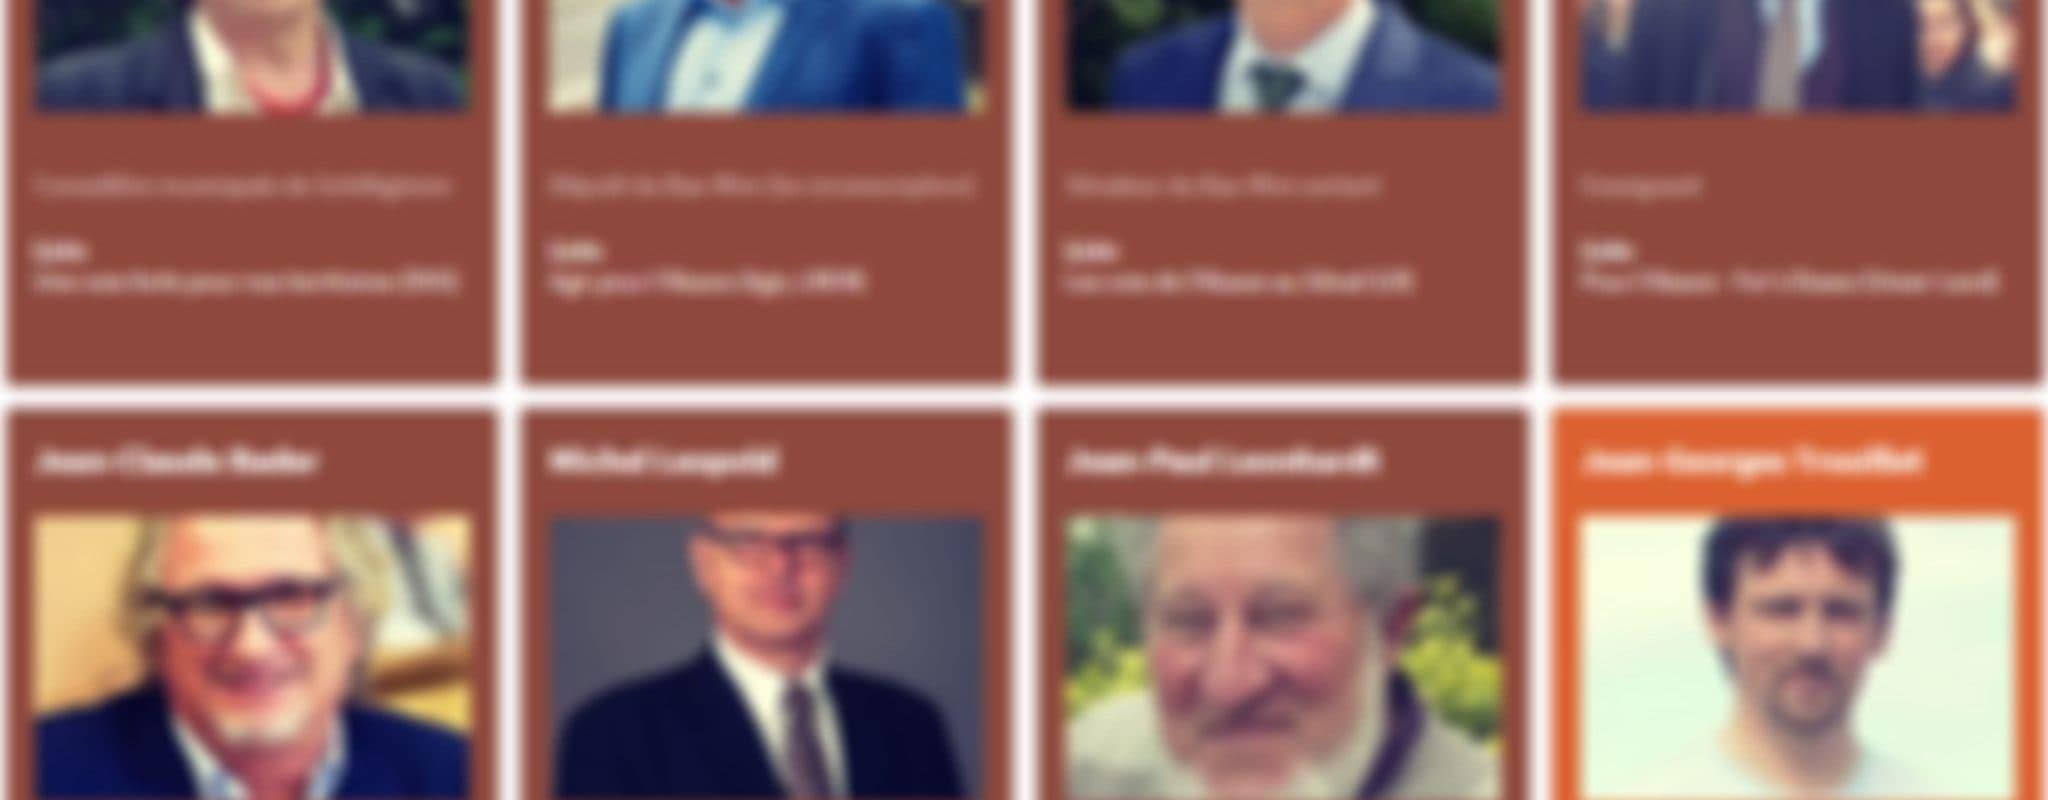 Sénatoriales en Alsace, le grand retour des élections de droite